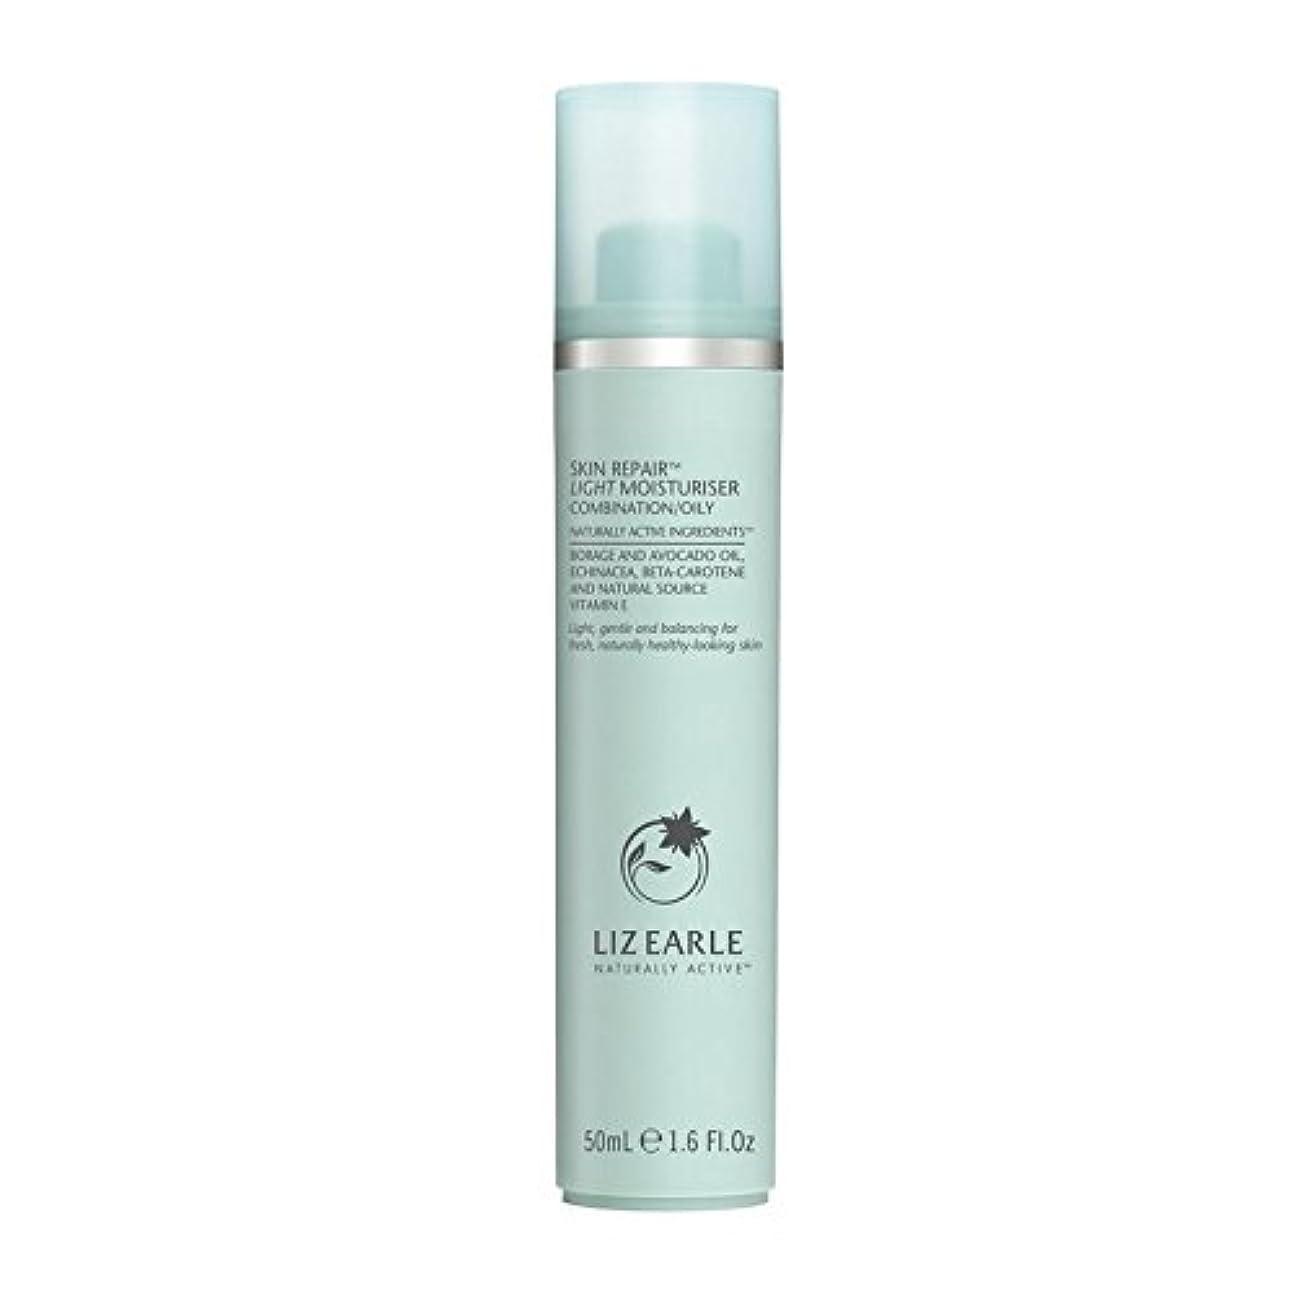 無知工場最終Liz Earle Skin Repair Light Moisturiser Combination/Oily 50ml (Pack of 6) - リズアールスキンリペア光の保湿剤の組み合わせ/油性50ミリリットル x6 [並行輸入品]